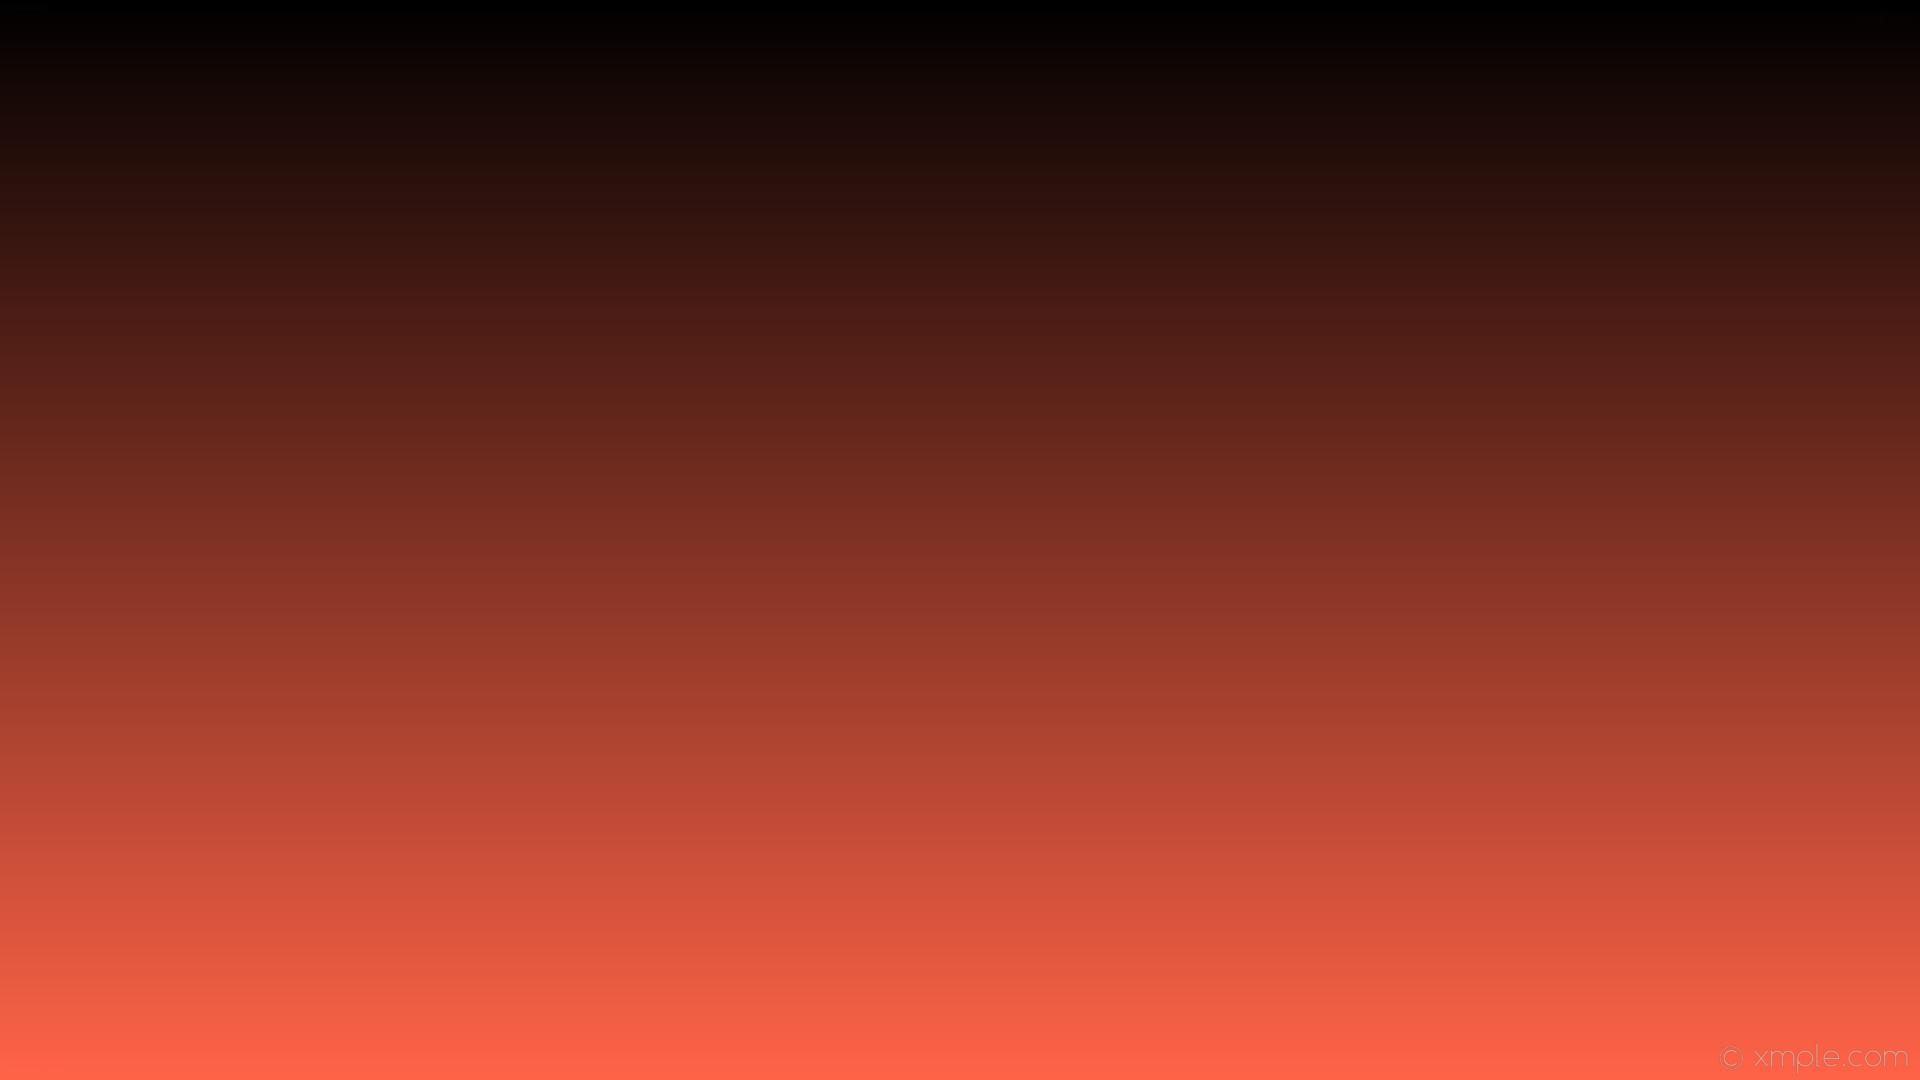 wallpaper black orange gradient linear tomato #000000 #ff6347 90°